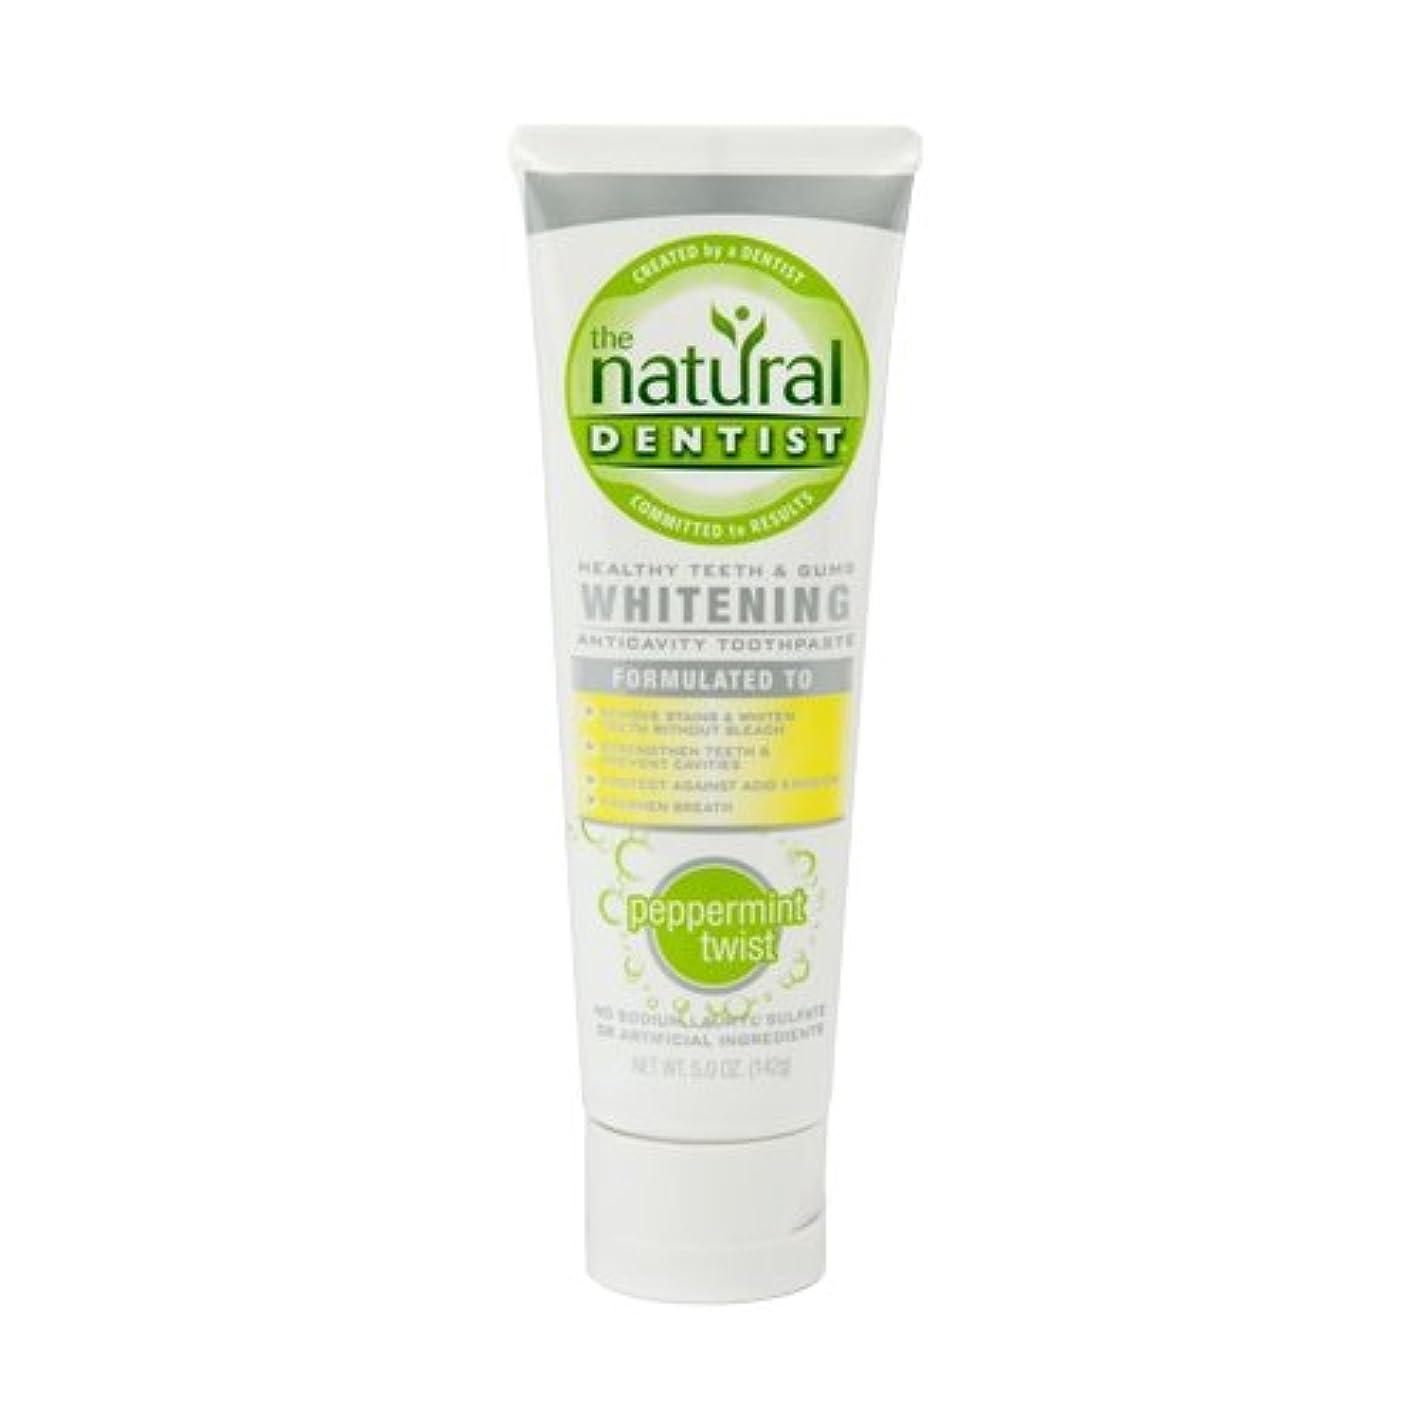 枯渇する強化する補充海外直送肘 Toothpaste Whitening Peppermint Twist, Whitening Peppermint Twist , 5 oz